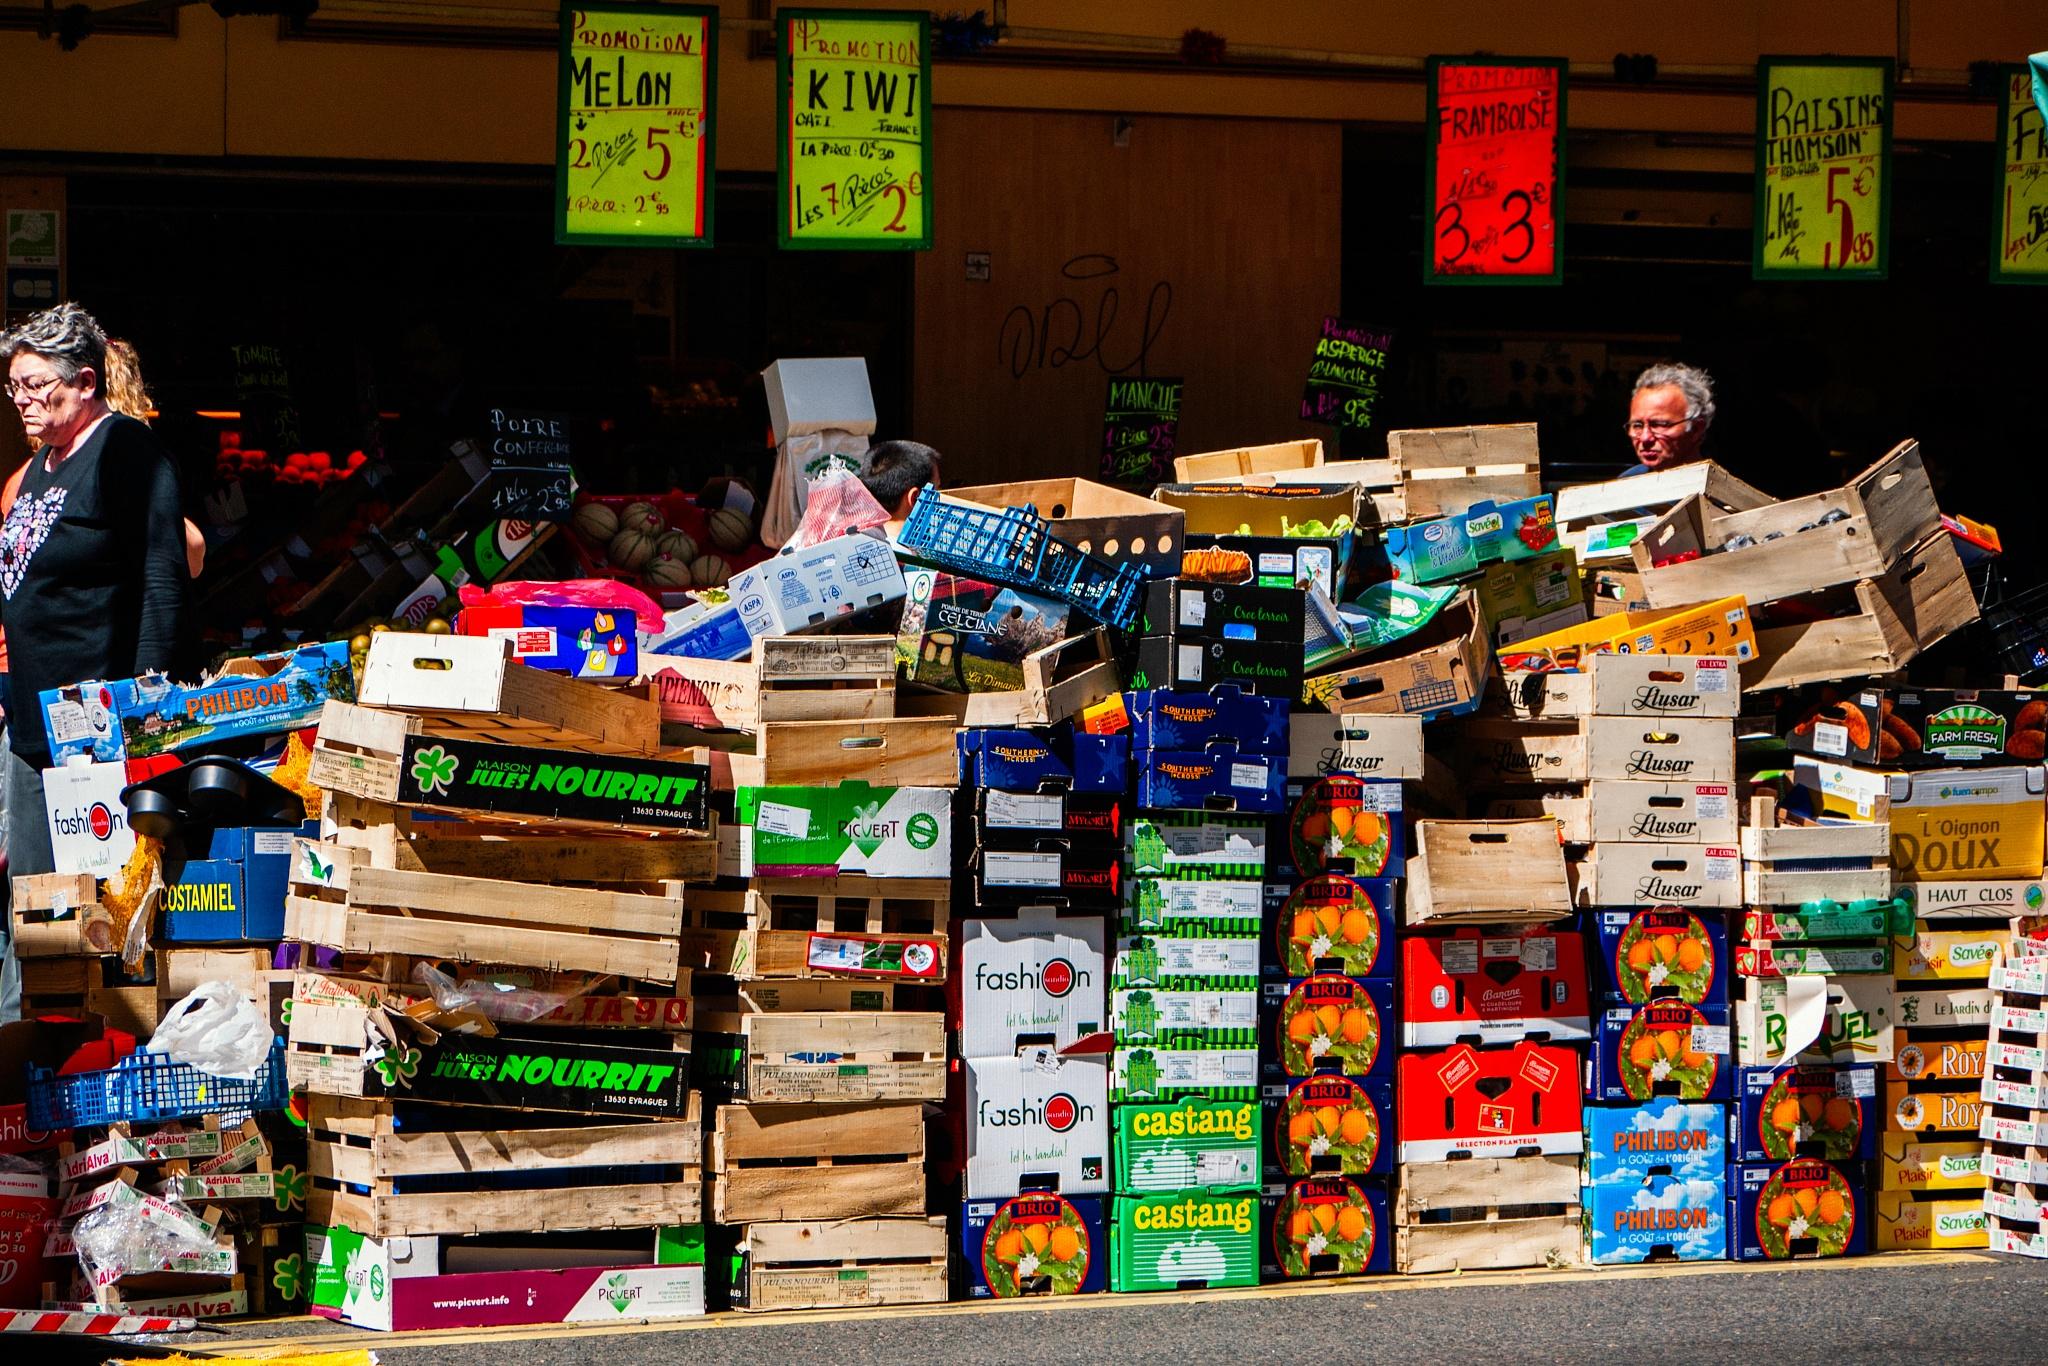 Crates at the end of market, avenue de Saint-Ouen, Paris by Martine de Lajudie